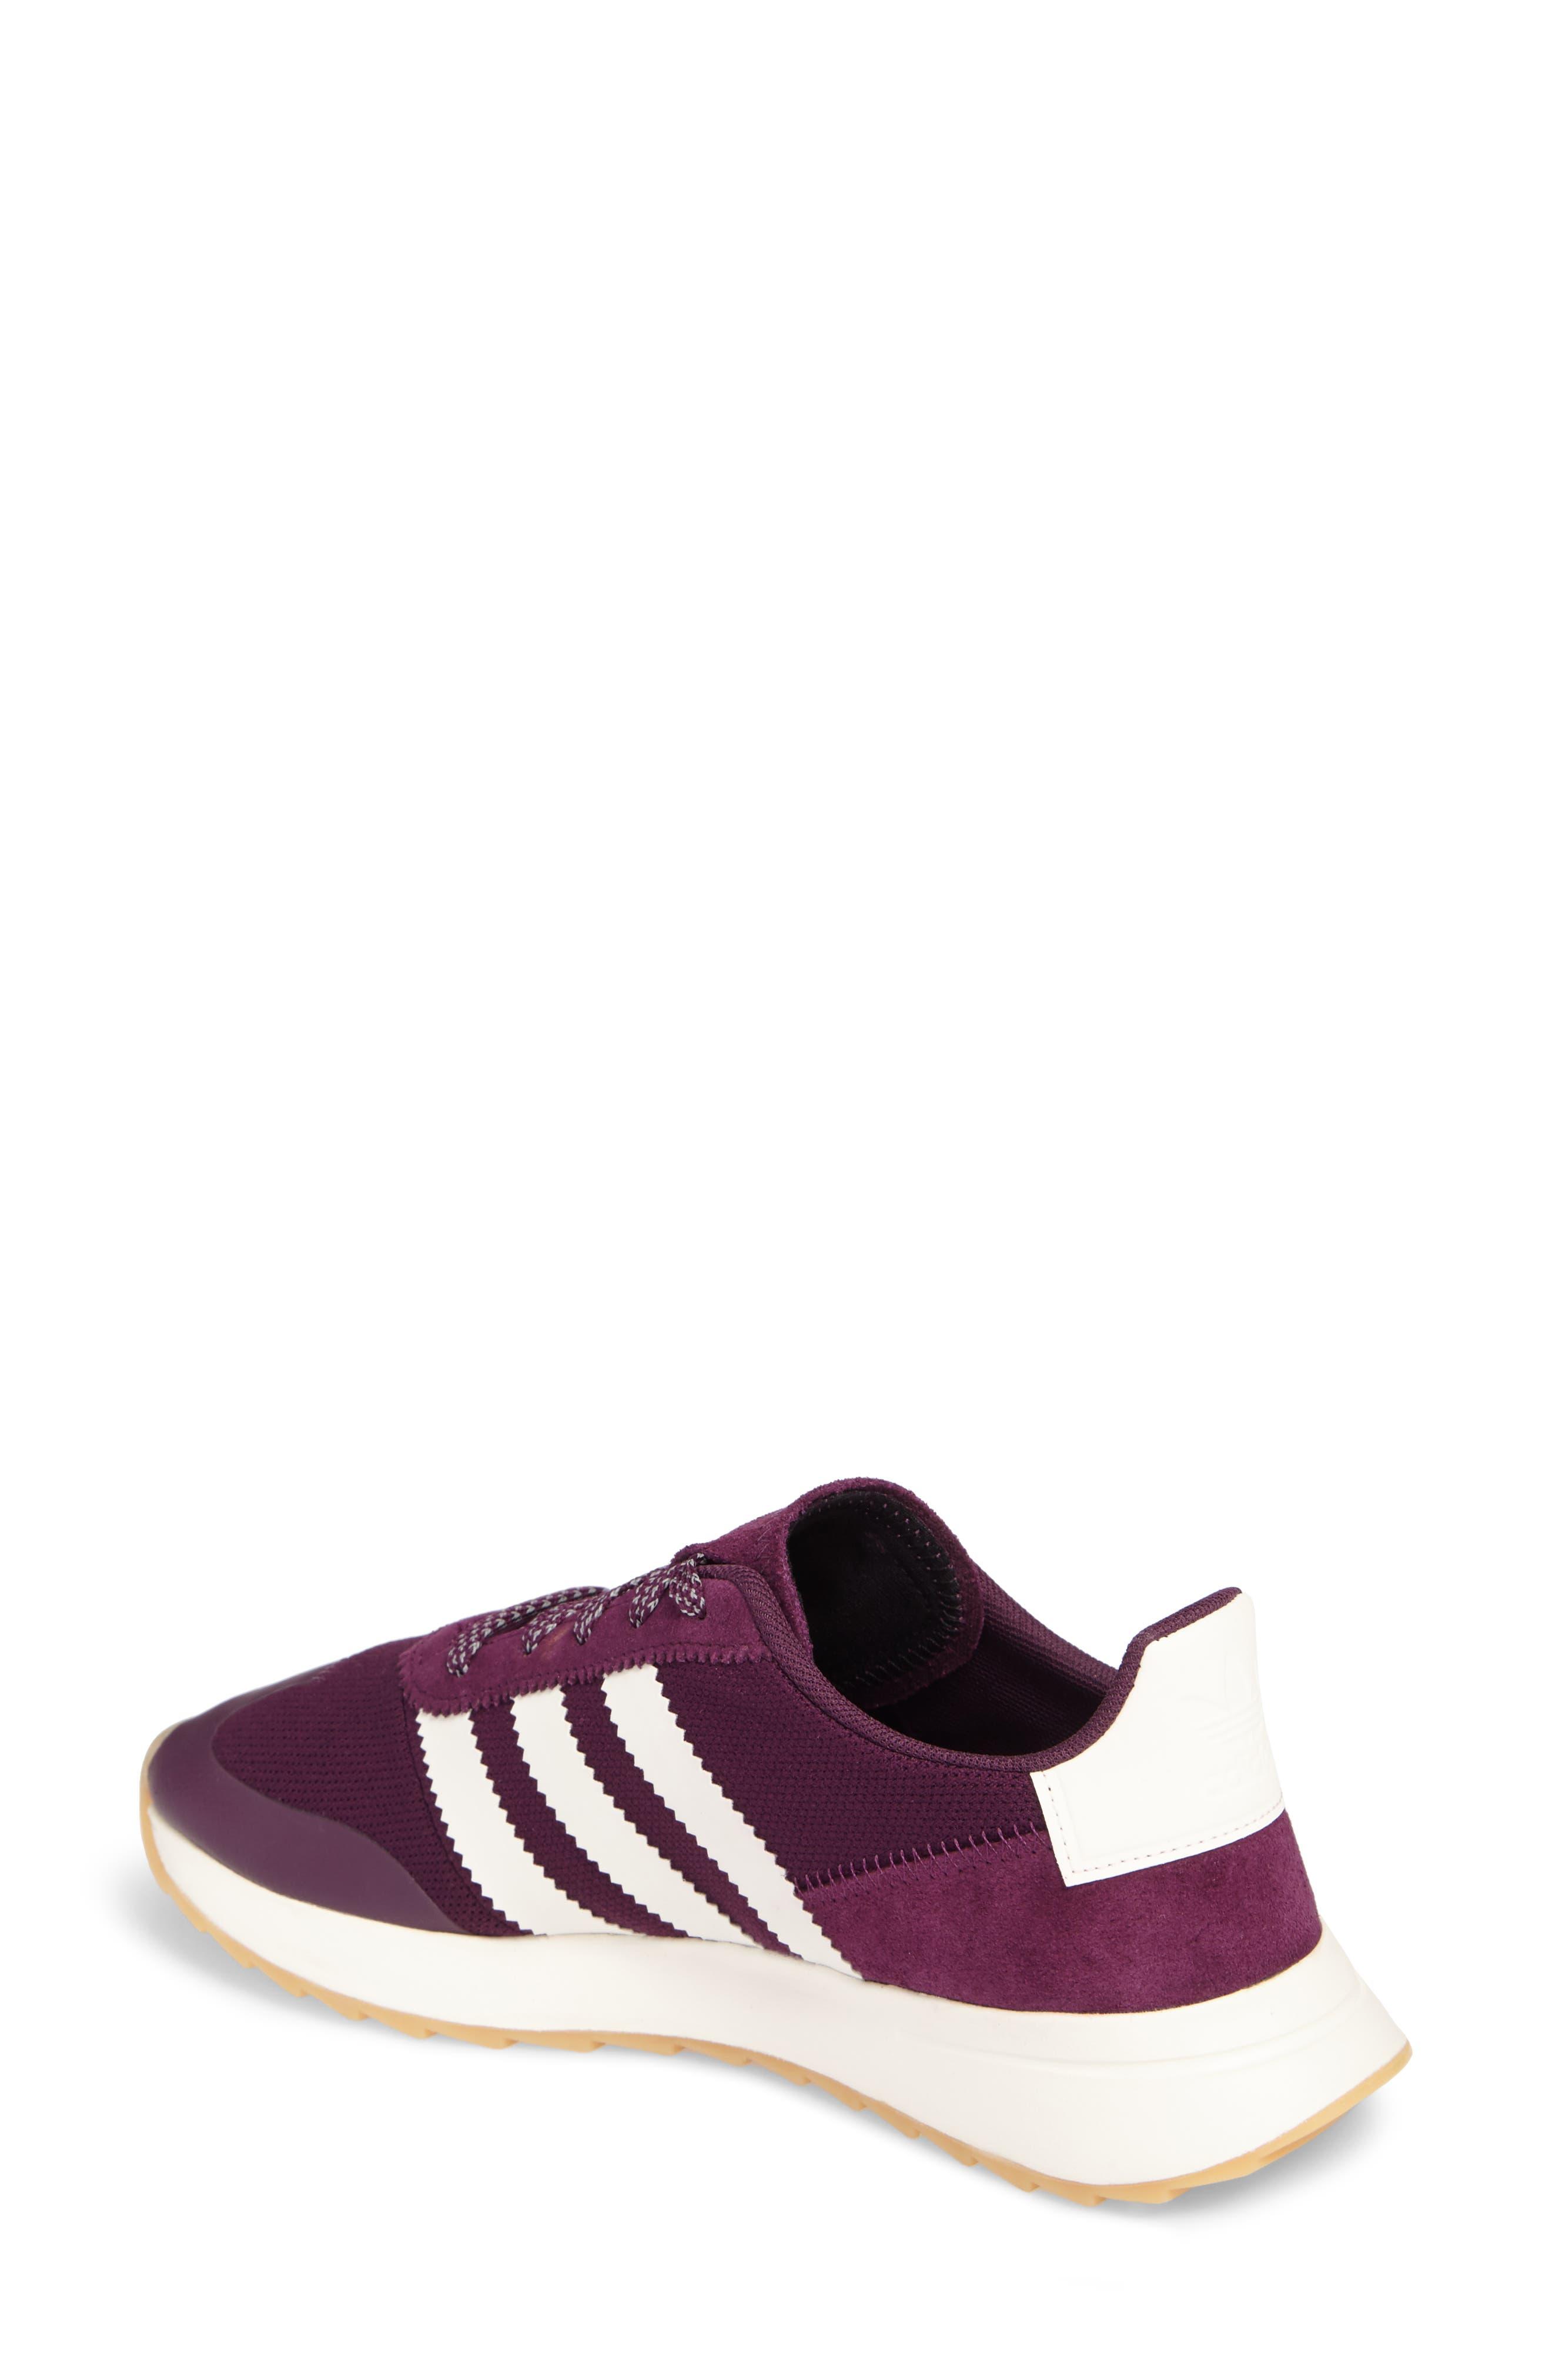 Flashback Sneaker,                             Alternate thumbnail 22, color,